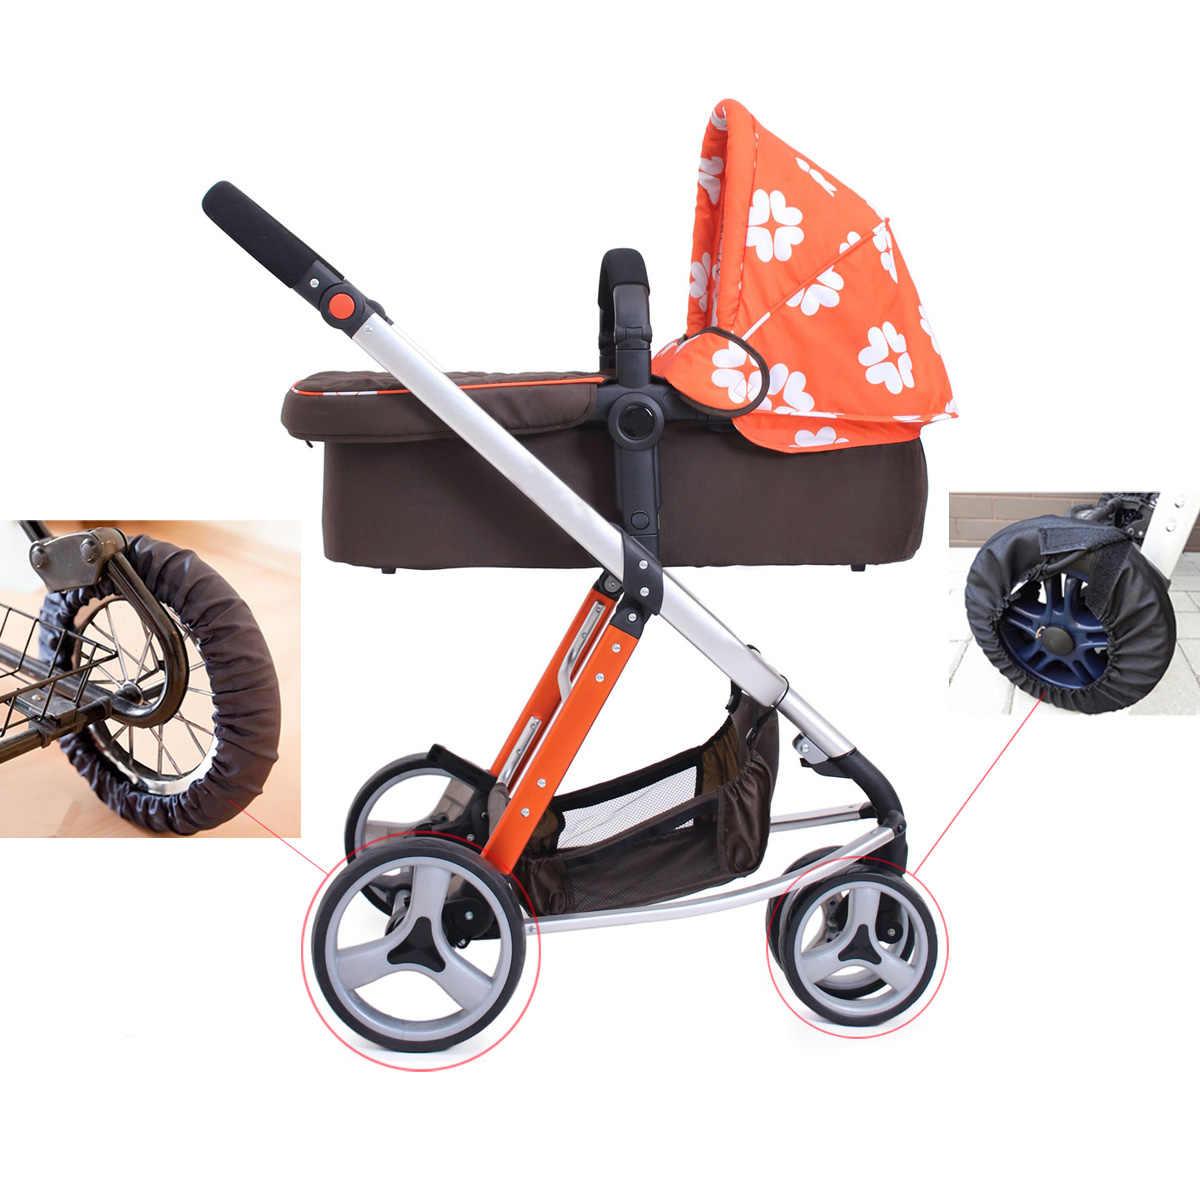 1Pc Útil Bebê Carrinho de Oxford Cadeira de Rodas Roda Covers Manter Limpo Capa Protetora À Prova de Poeira para Acessórios do Bebê Carrinho Carrinho de criança